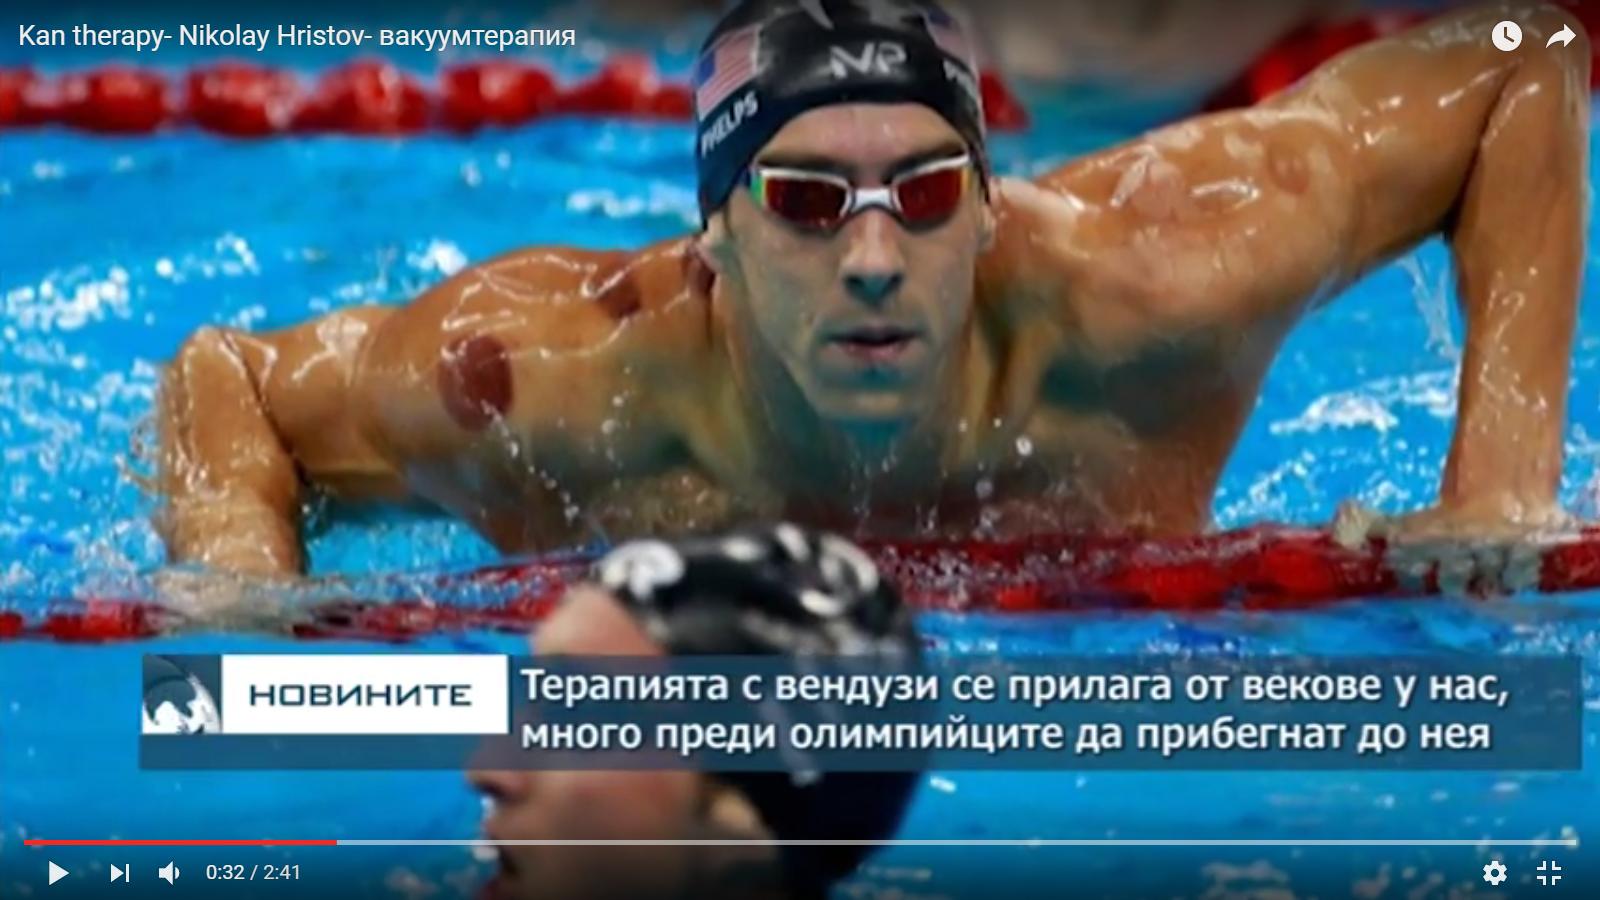 Кан Терапия - Николай Христов - Вакуум терапия